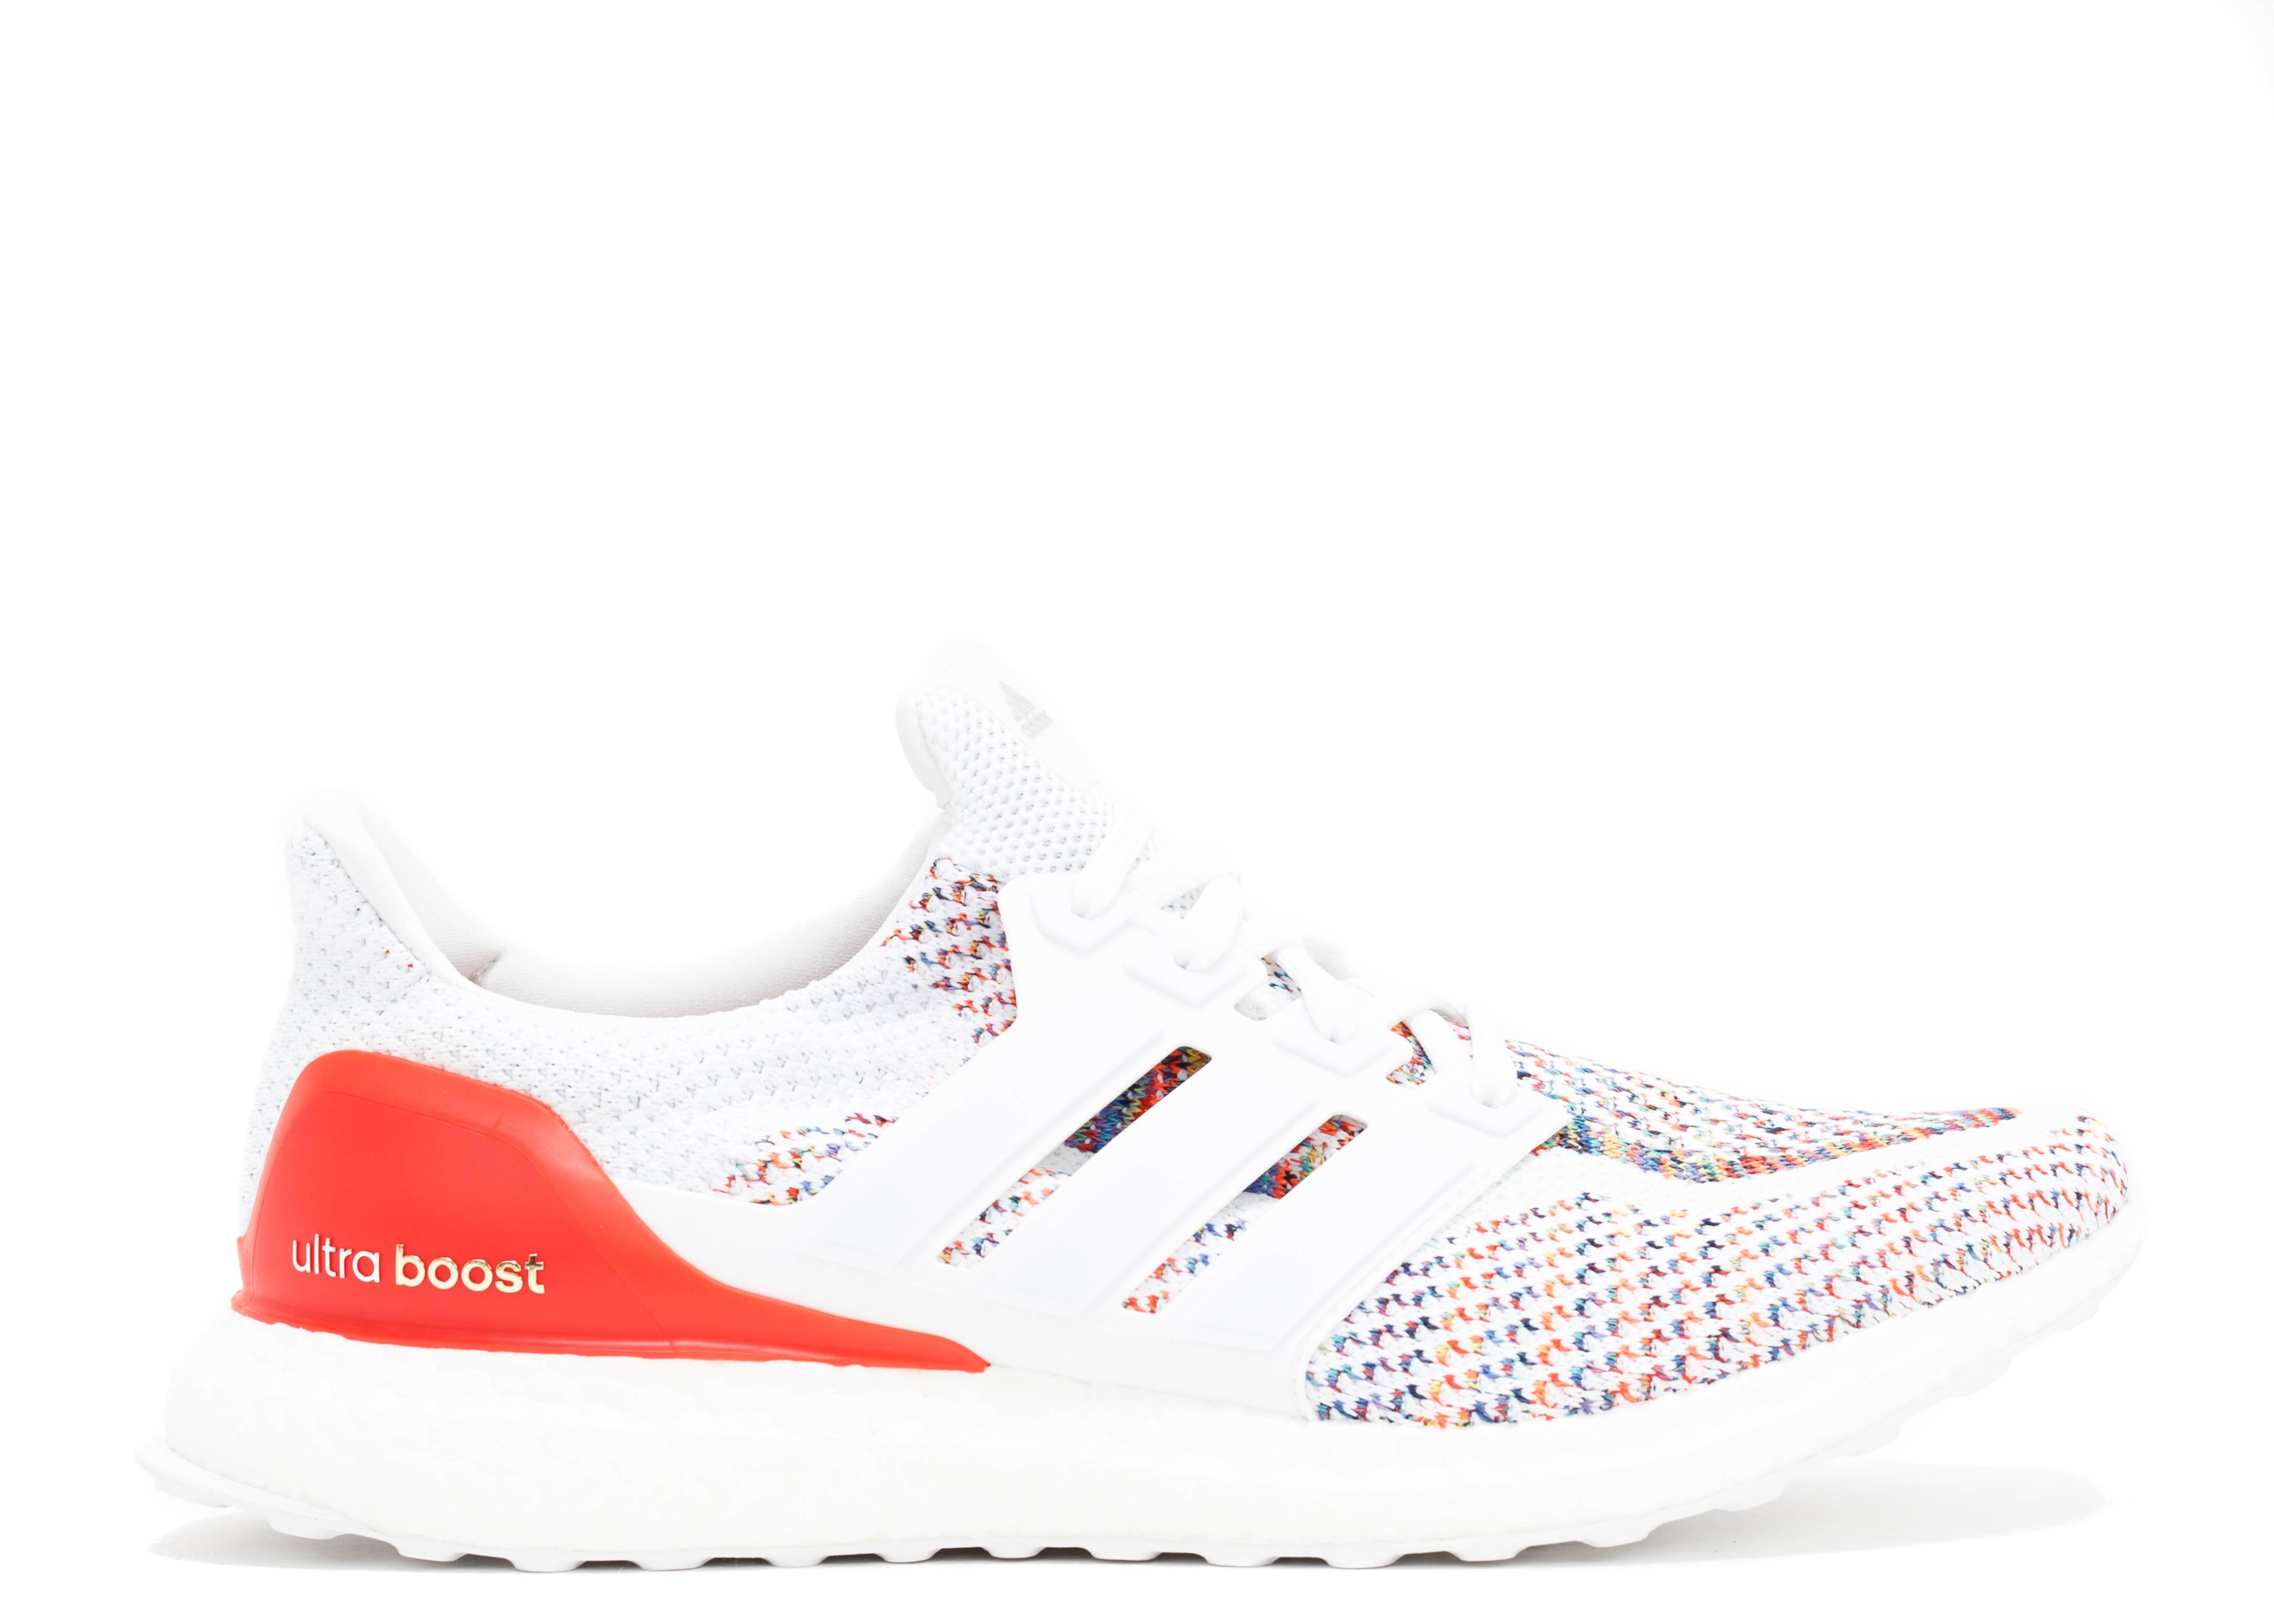 Adidas Ultra Boost Venta köp